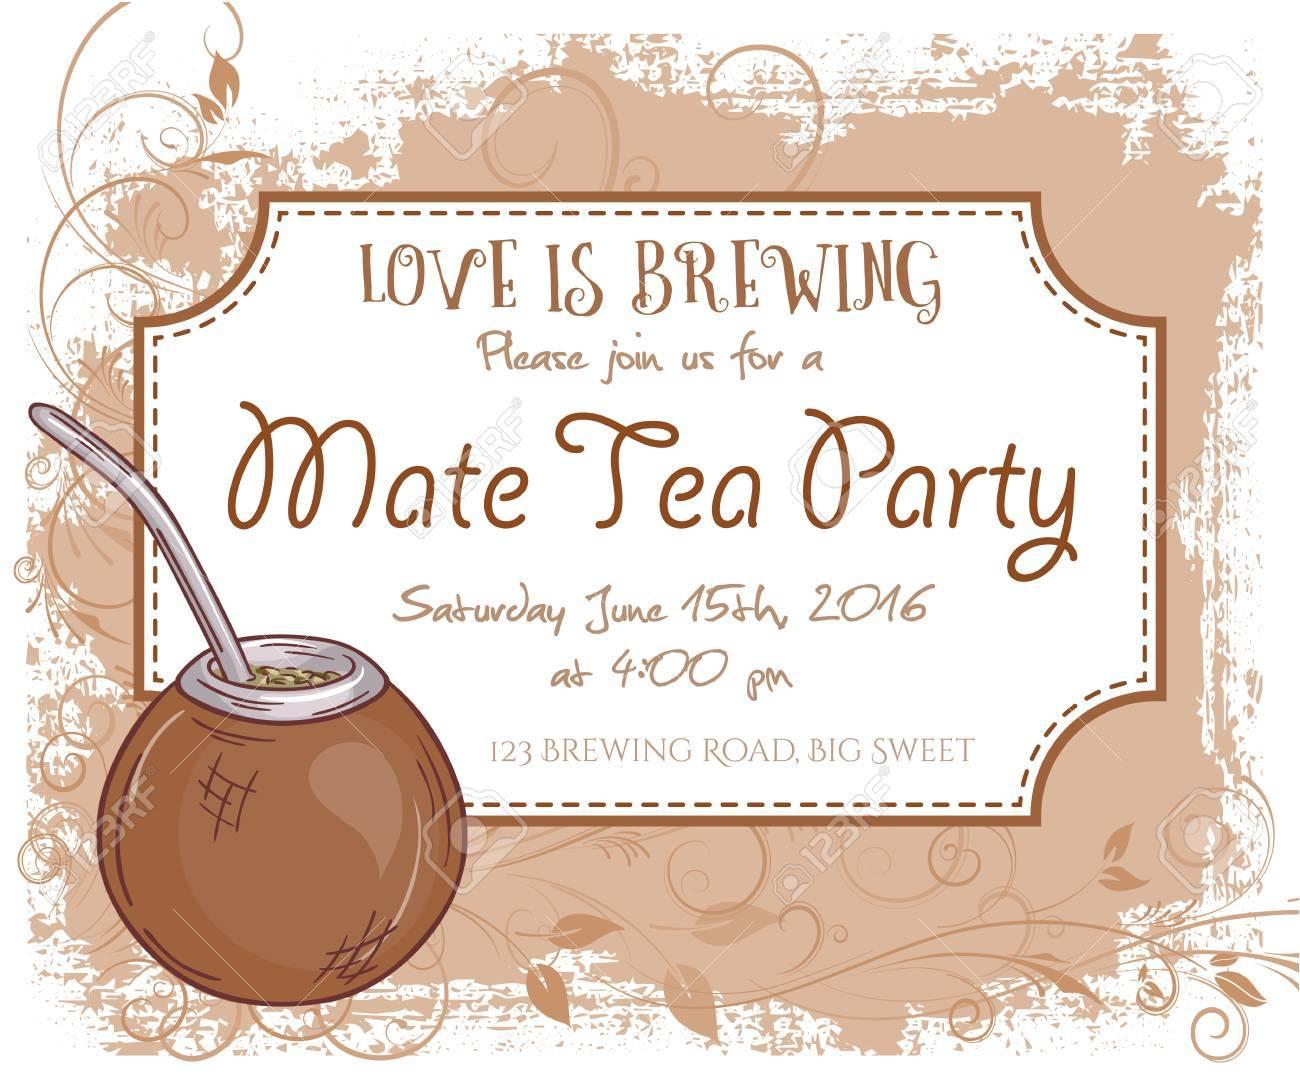 Vektor Hand Gezeichnet Mate-Tee-Party Einladungskarte, Vintage ...